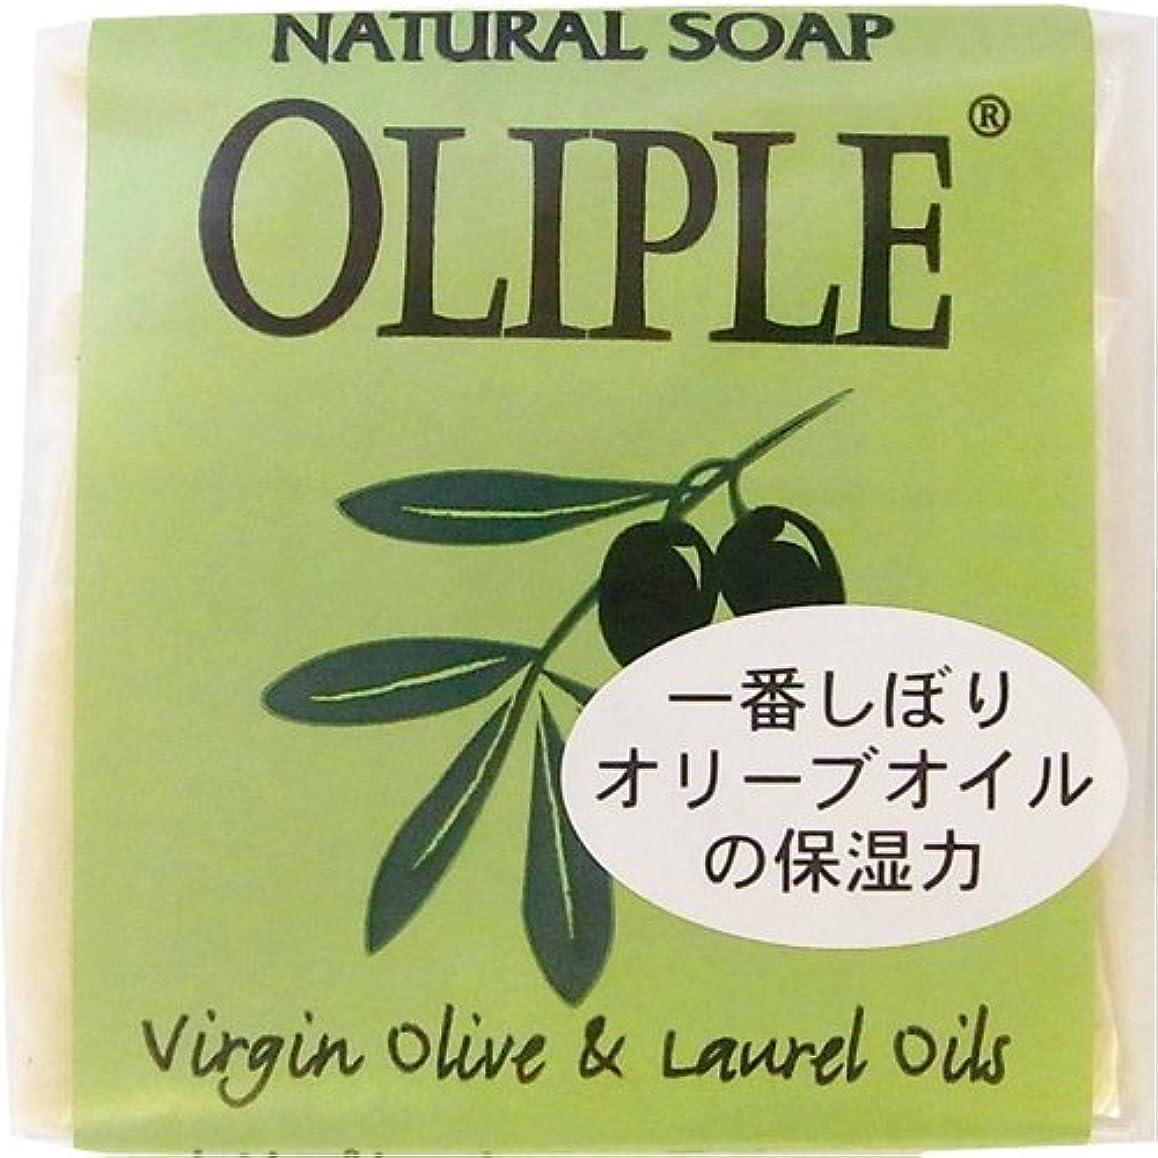 フラップ気味の悪い特別なオリプレナチュラルソープ バージンオリーブ&月桂樹オイル ミニ 50g